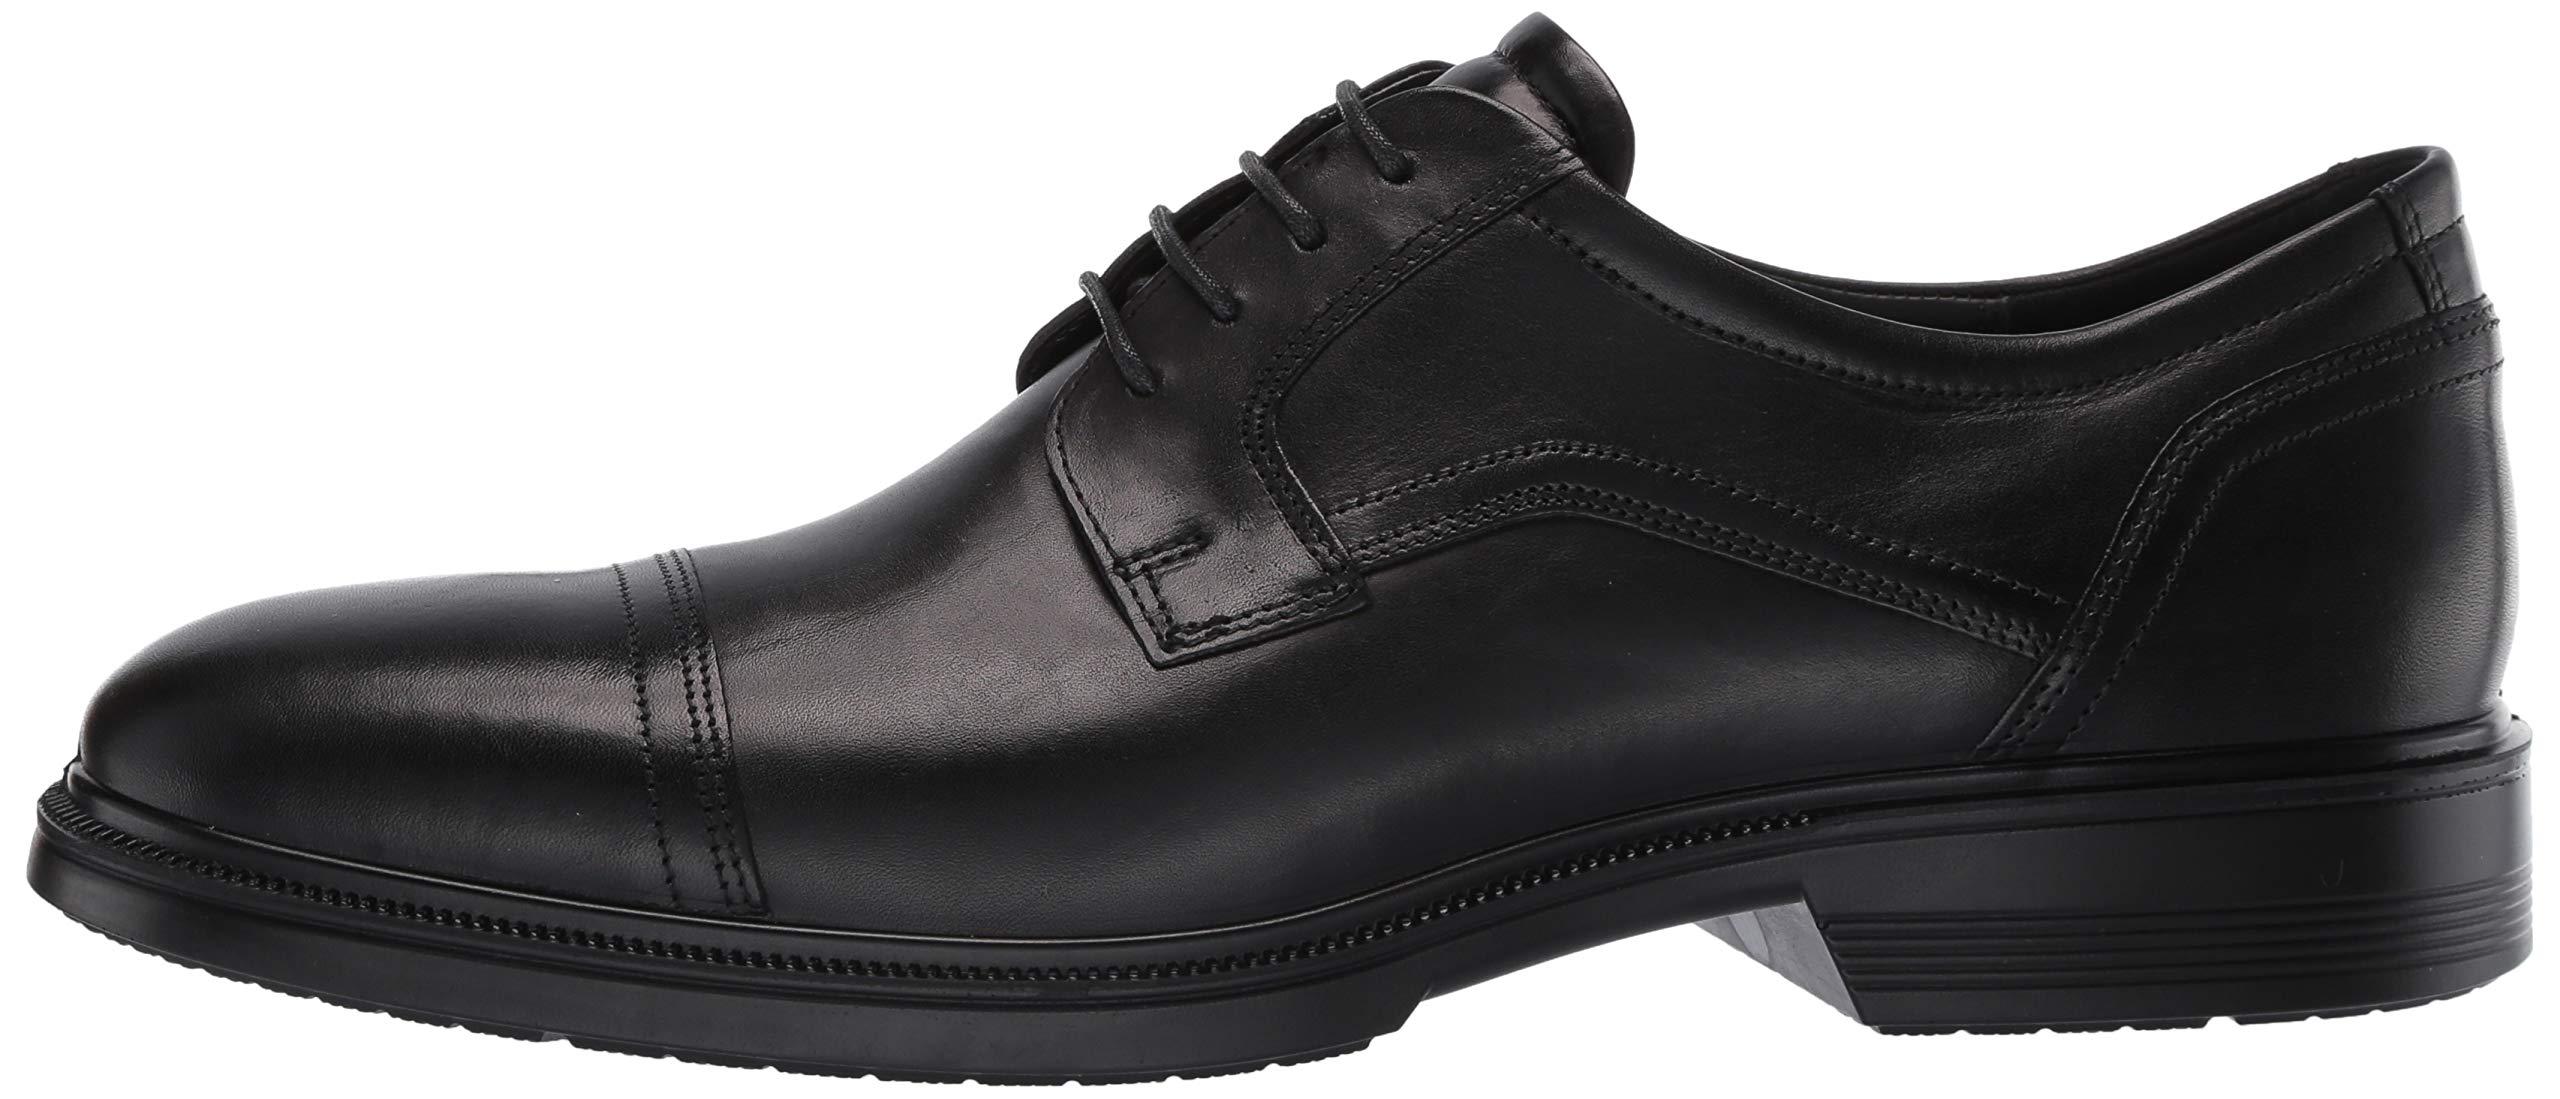 ECCO Men's Lisbon Cap Toe Tie Oxford, Black, 48 EU/14-14.5 M US by ECCO (Image #5)